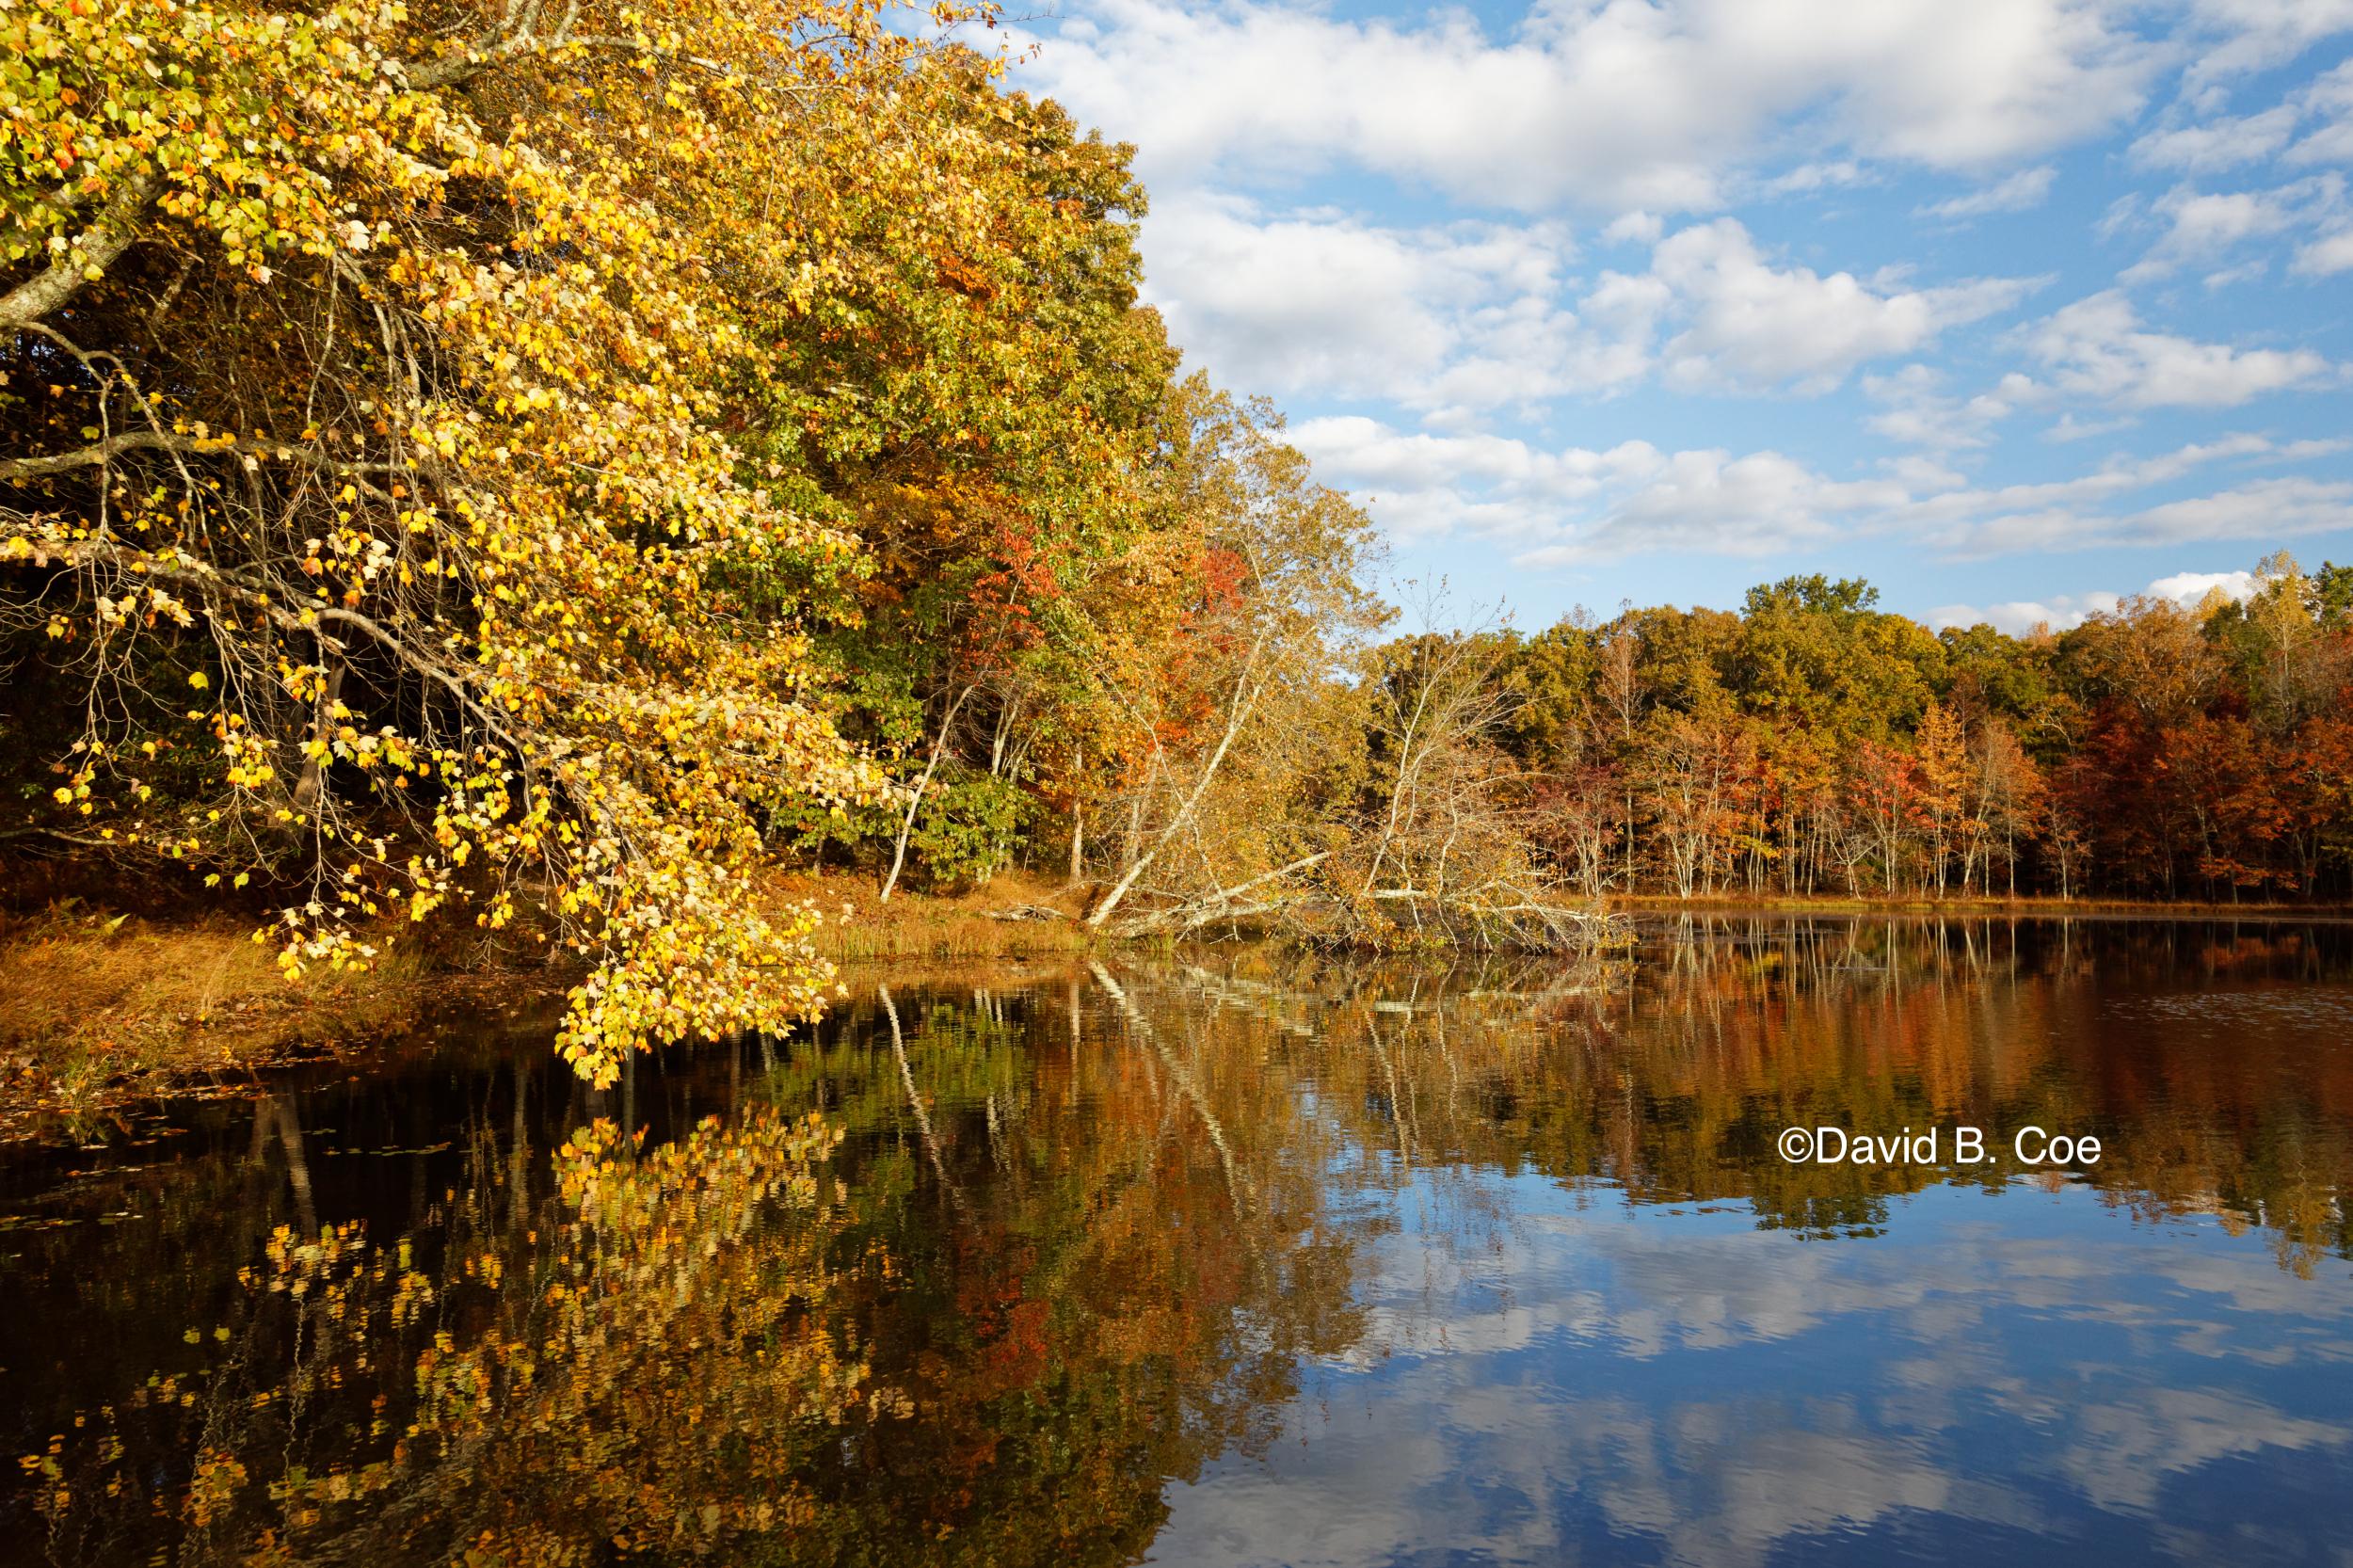 Foliage Reflections, Lake Dimmick, by David B. Coe